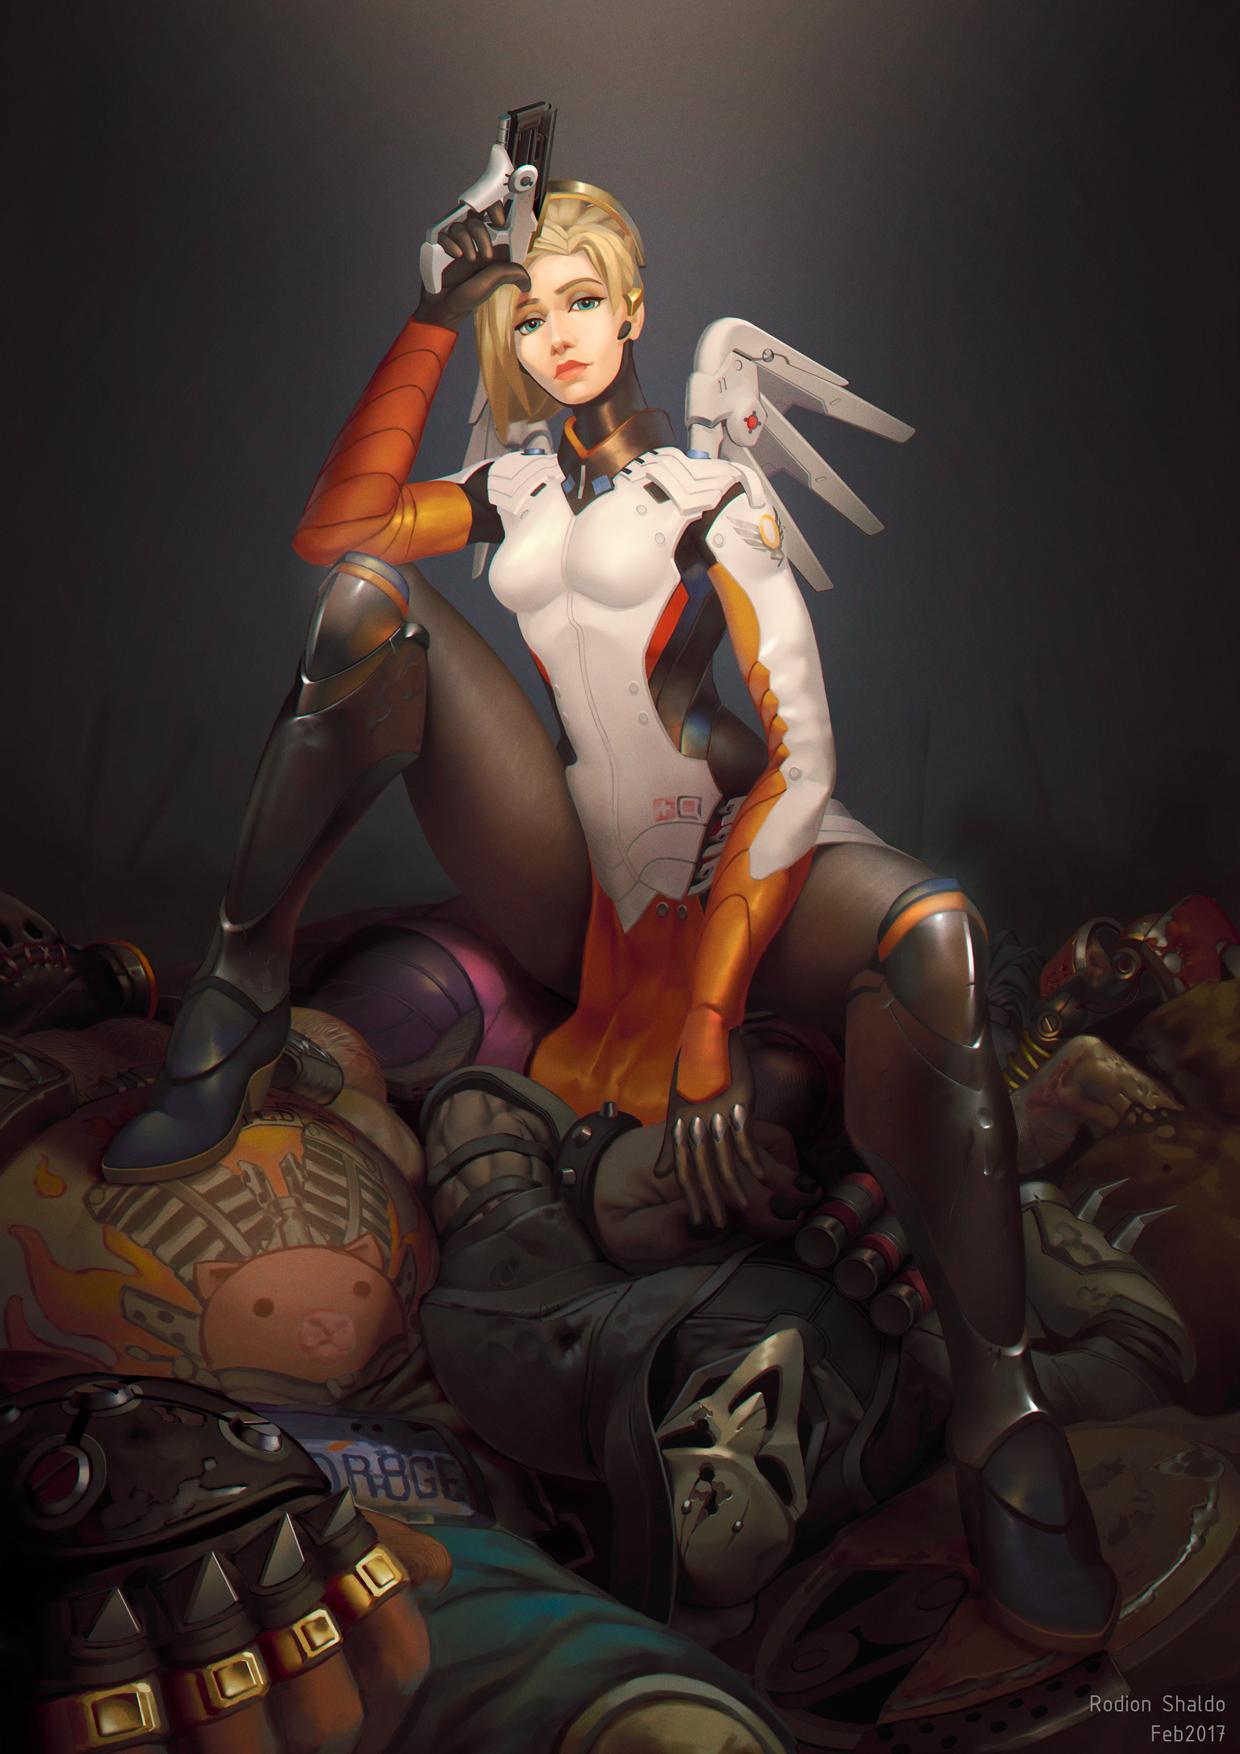 Sexy mercy fanart